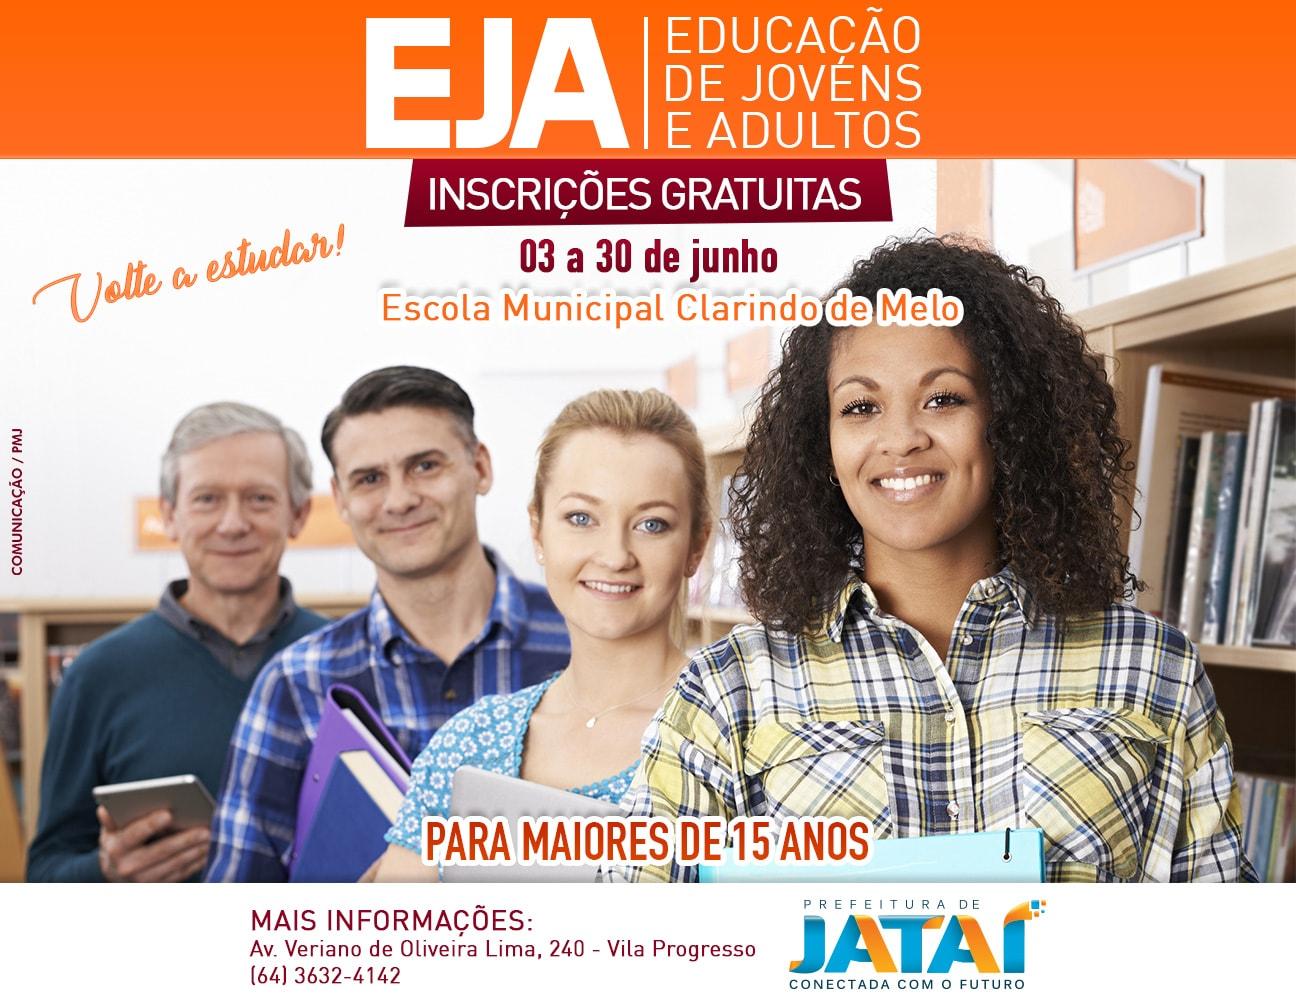 Educação - Estão abertas as inscrições para EJA 2019